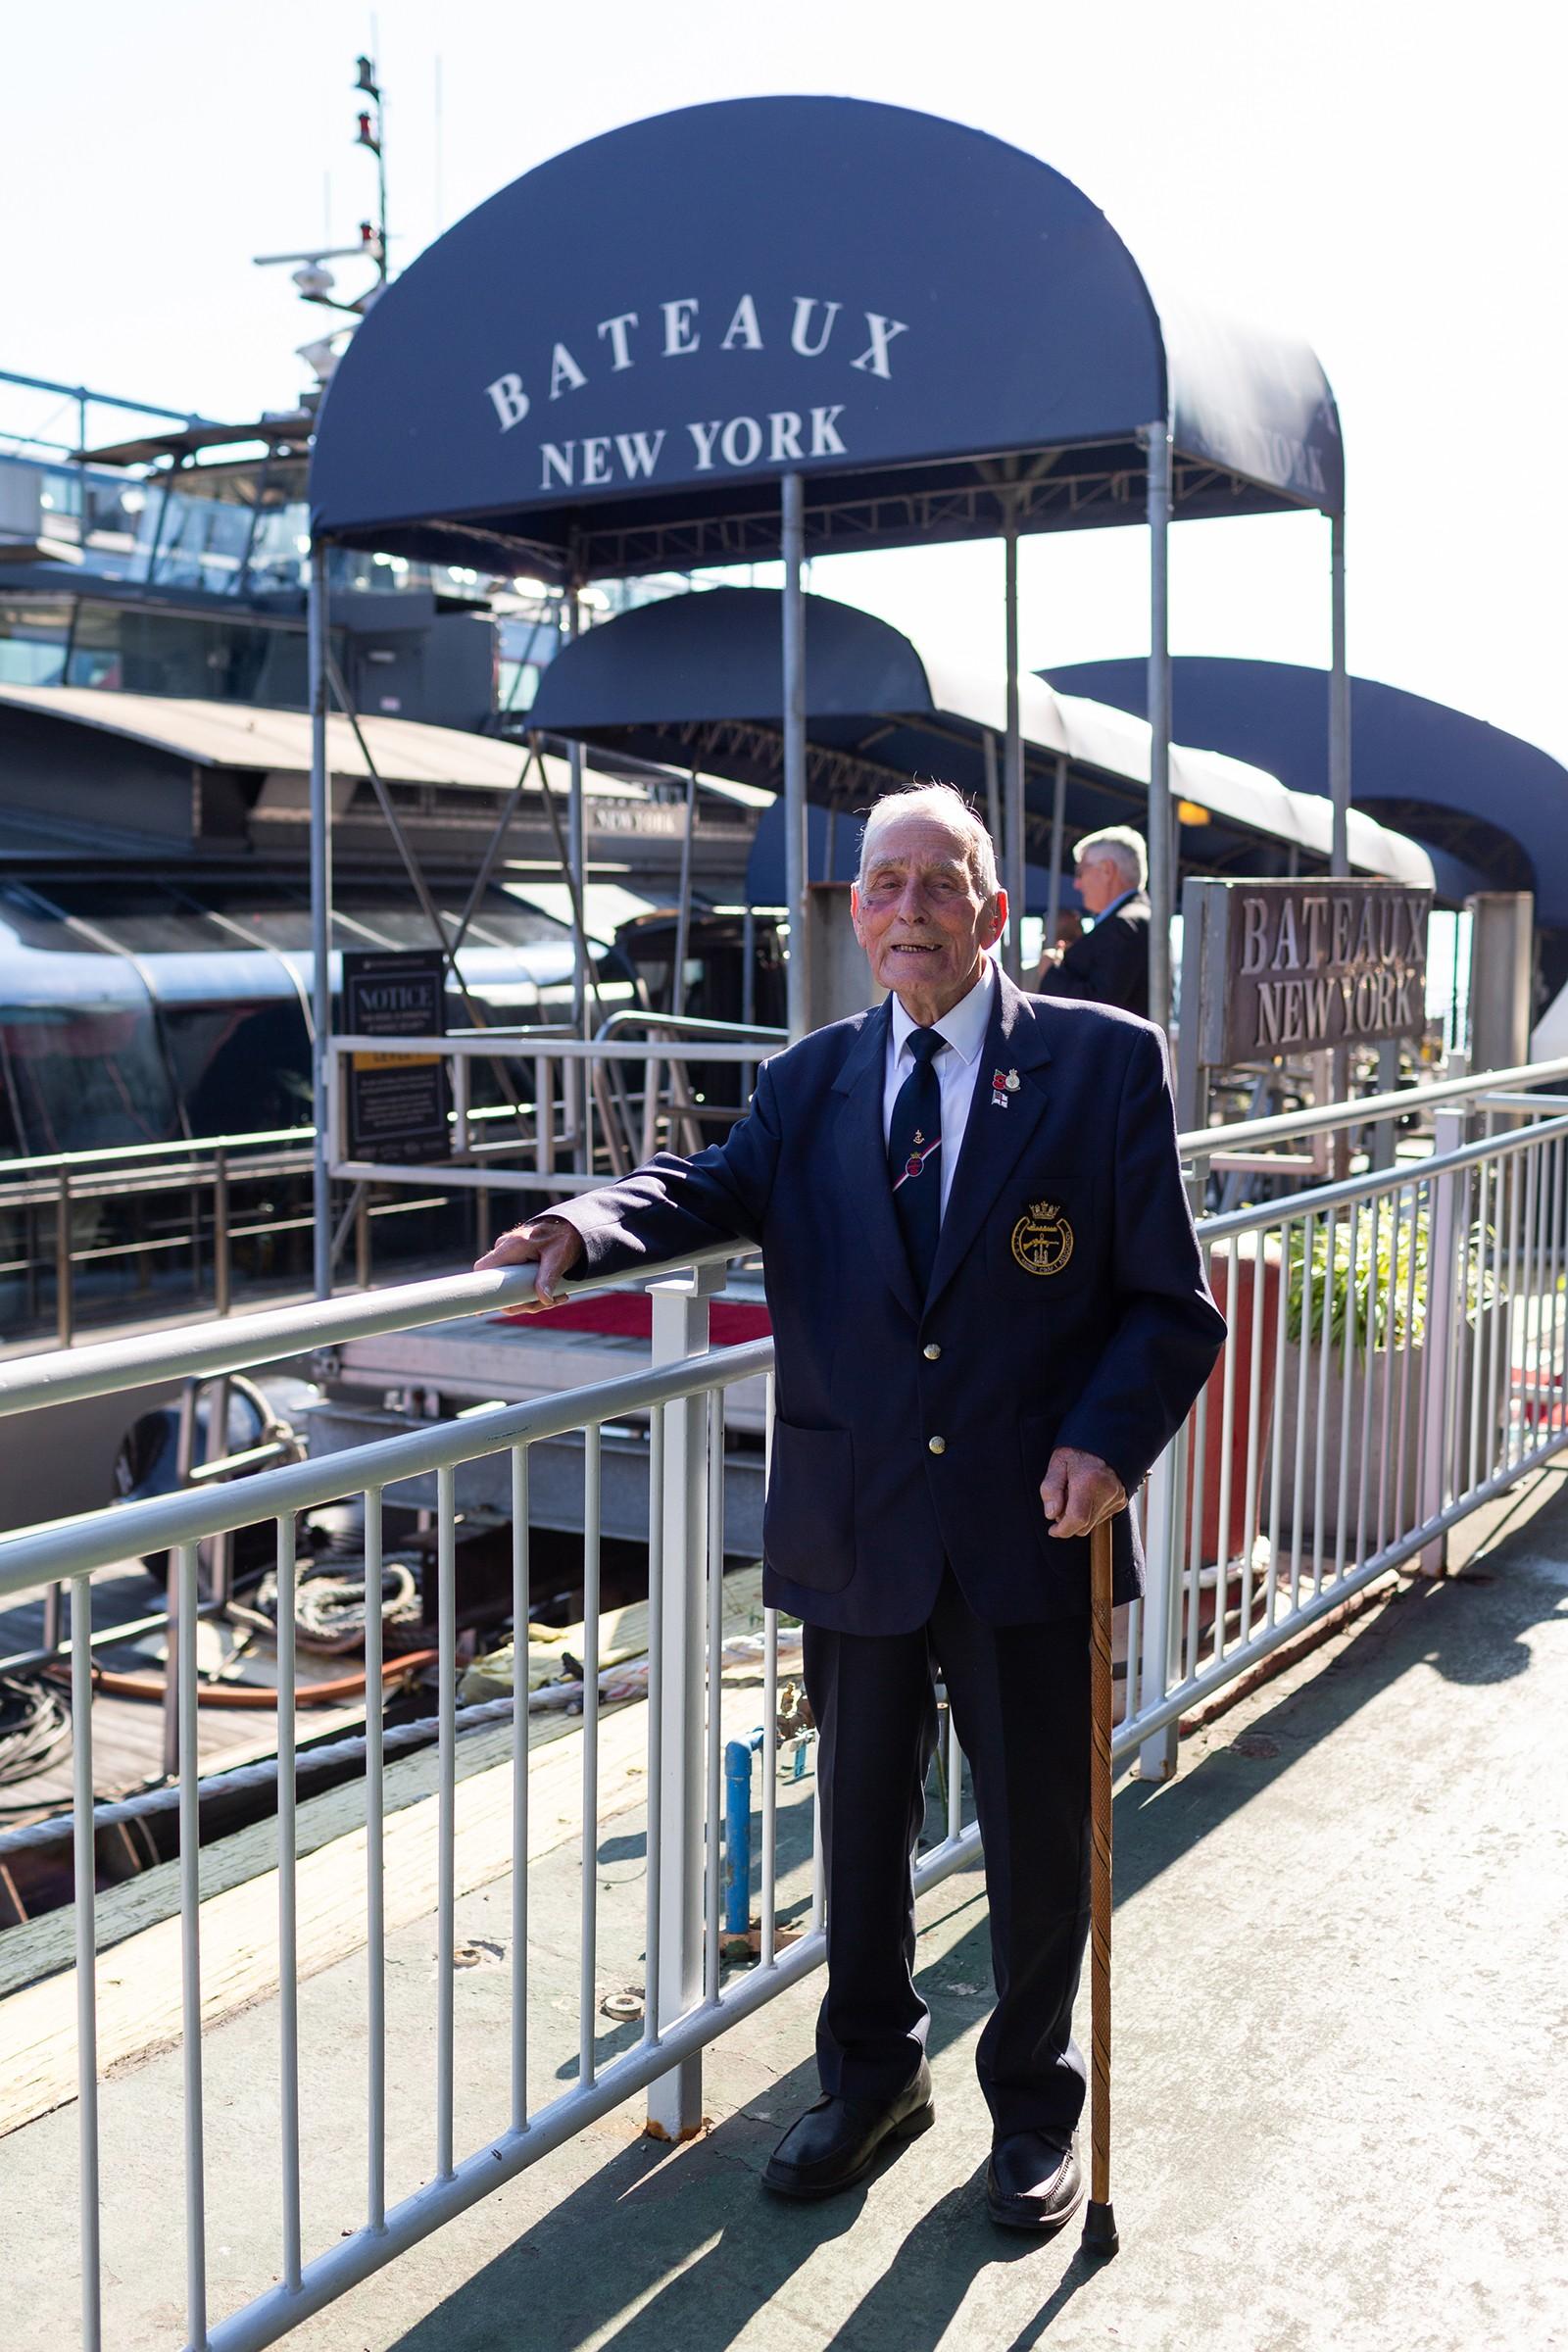 john dennett bateaux new york